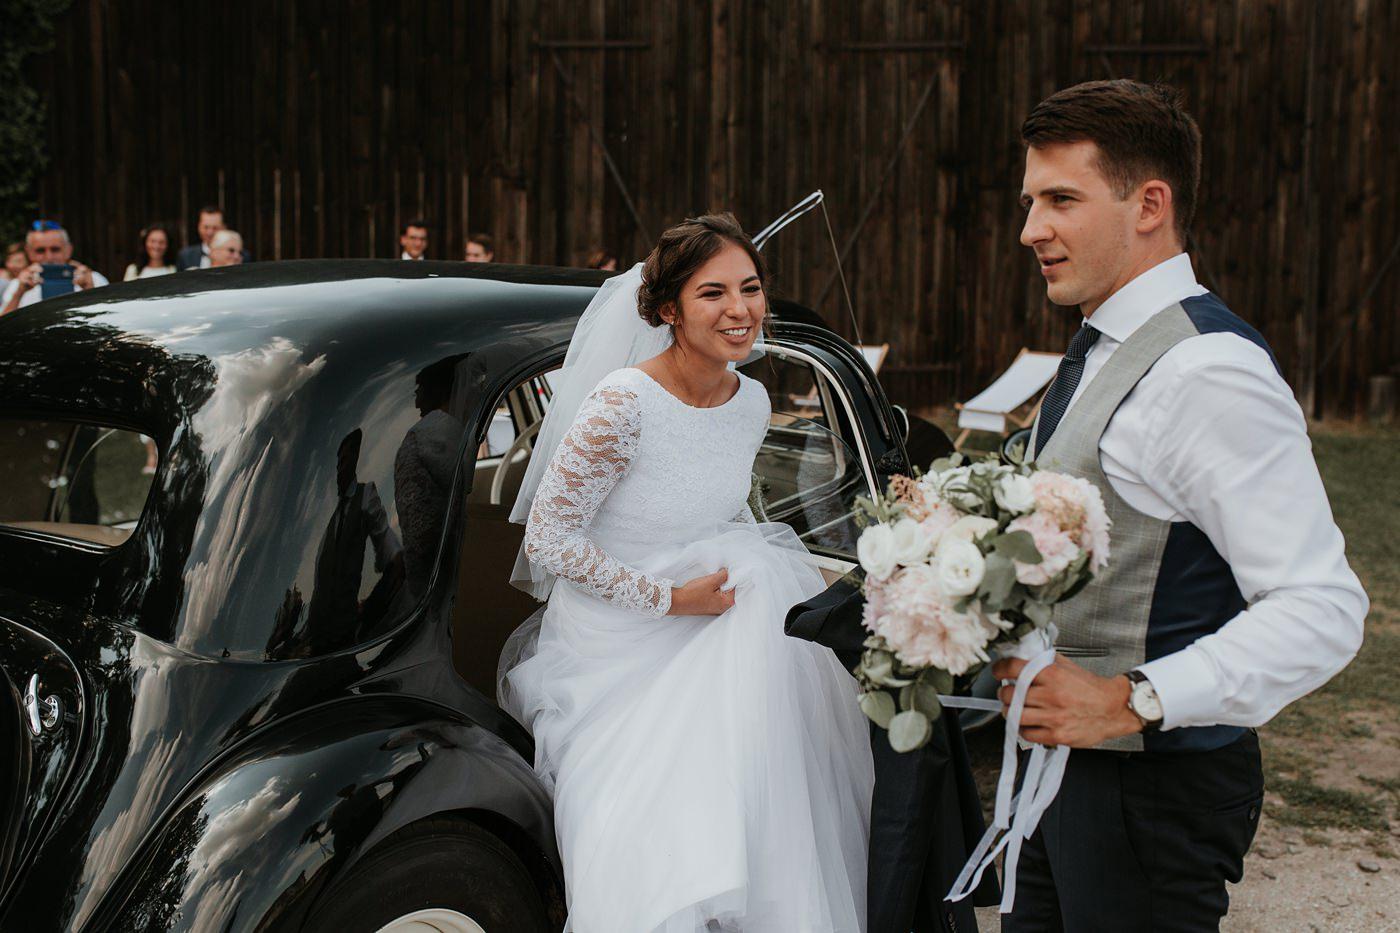 Dominika & Aleksander - Rustykalne wesele w stodole - Baborówko 76